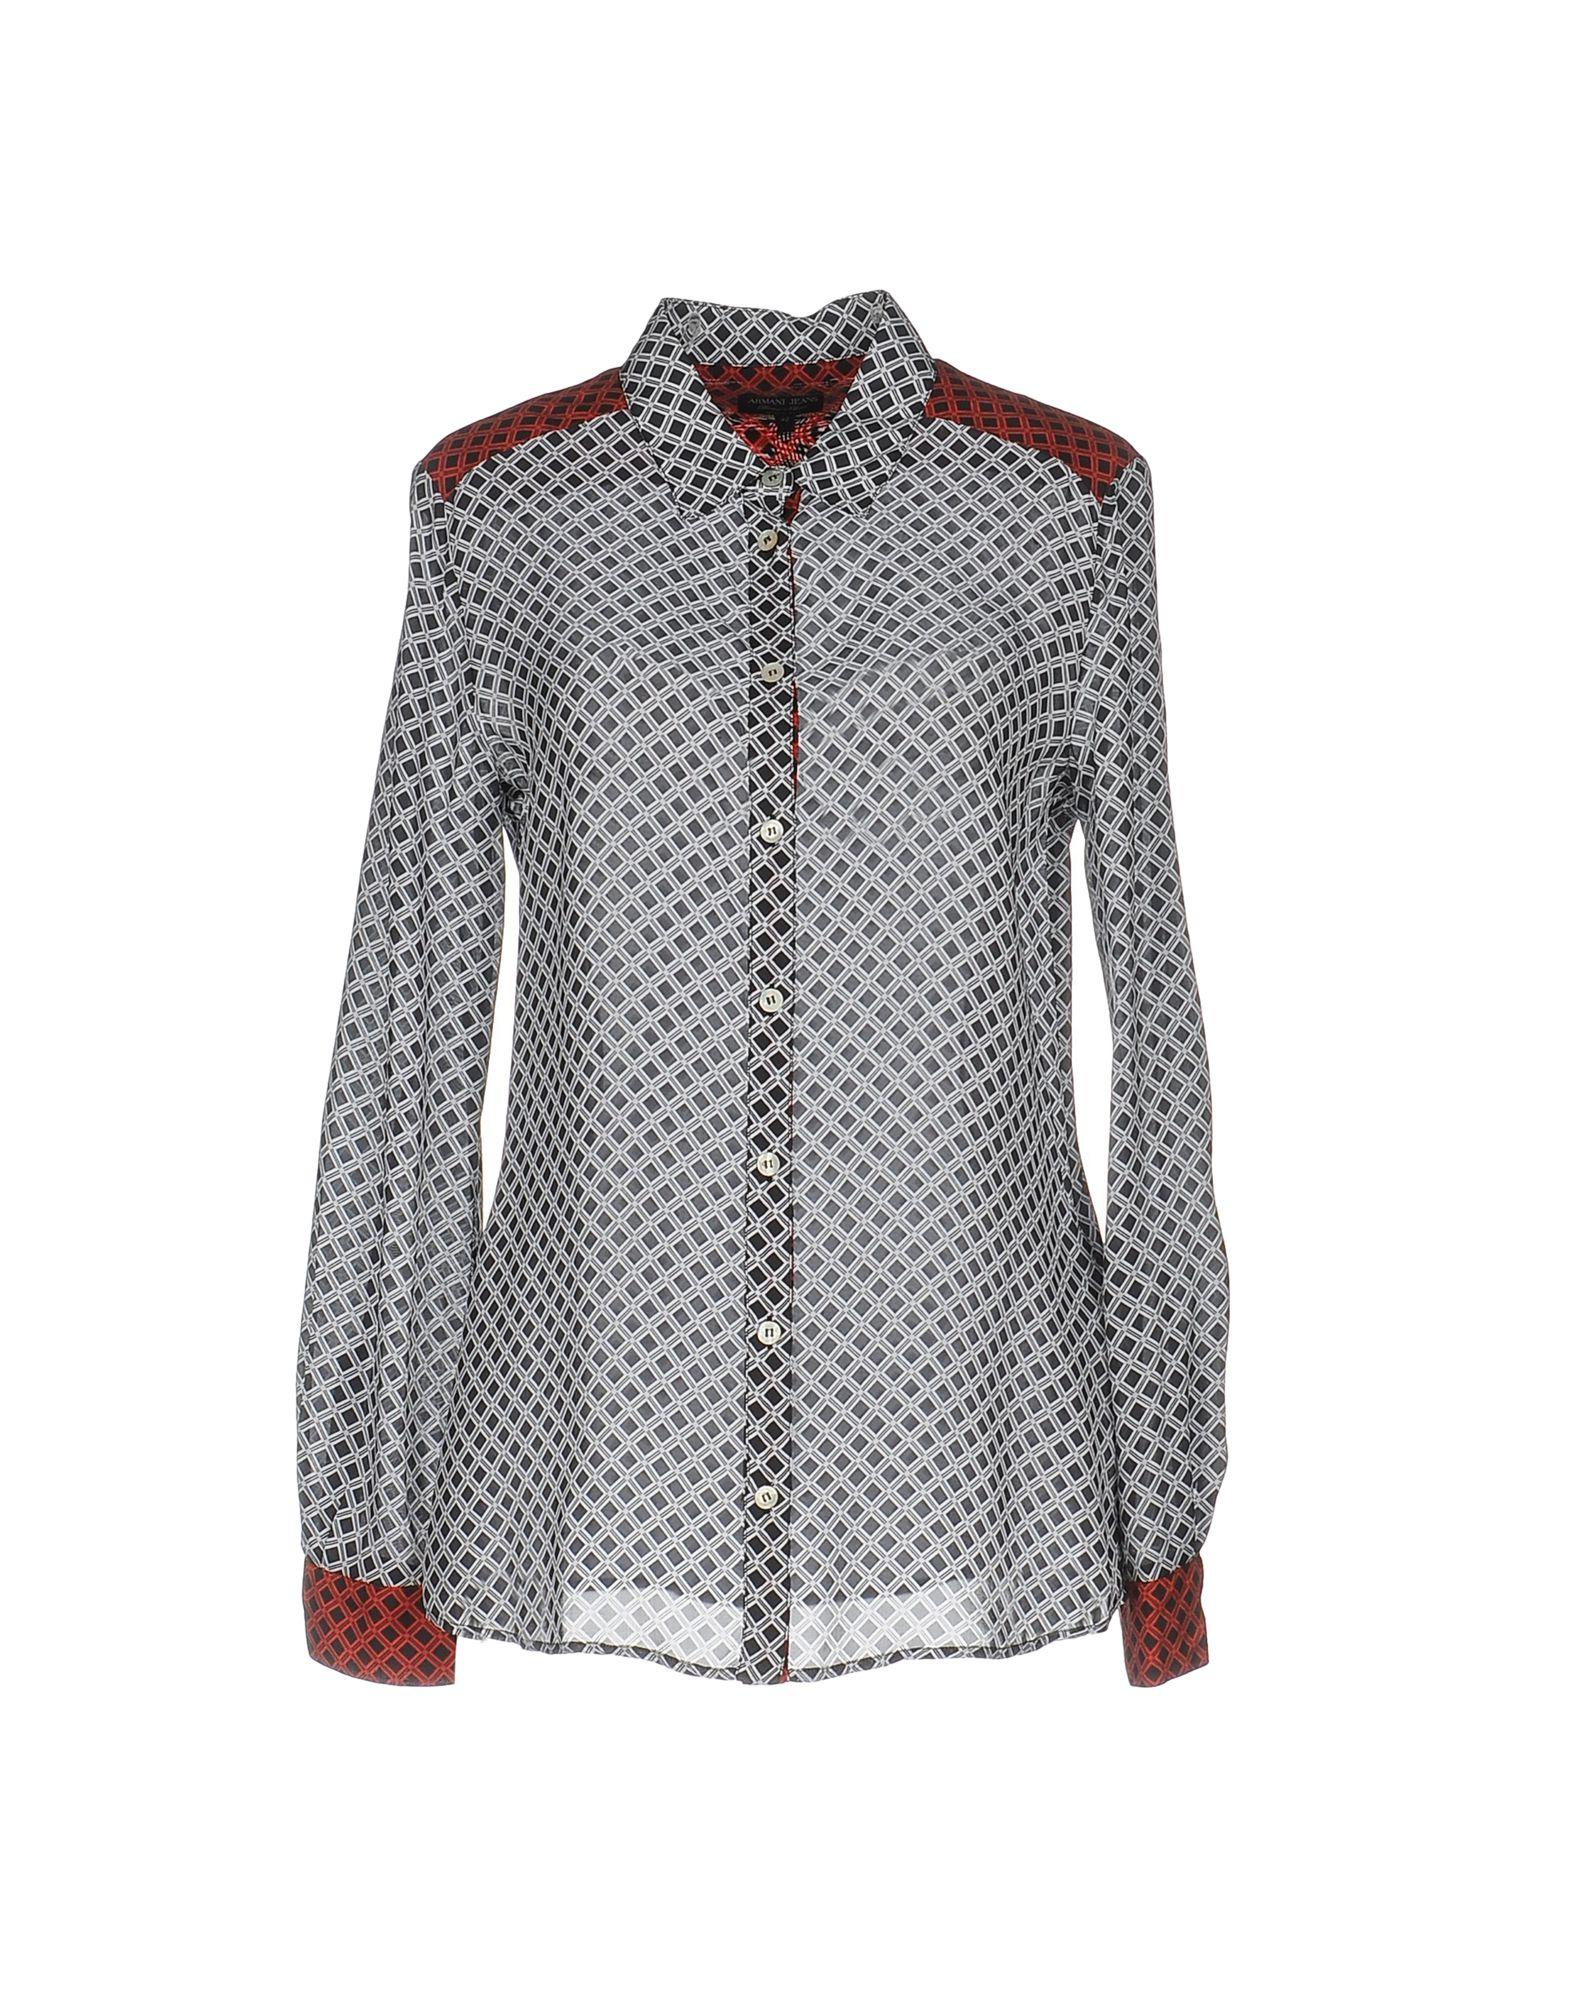 ARMANI JEANS Damen Hemd Farbe Schwarz Größe 6 jetztbilligerkaufen